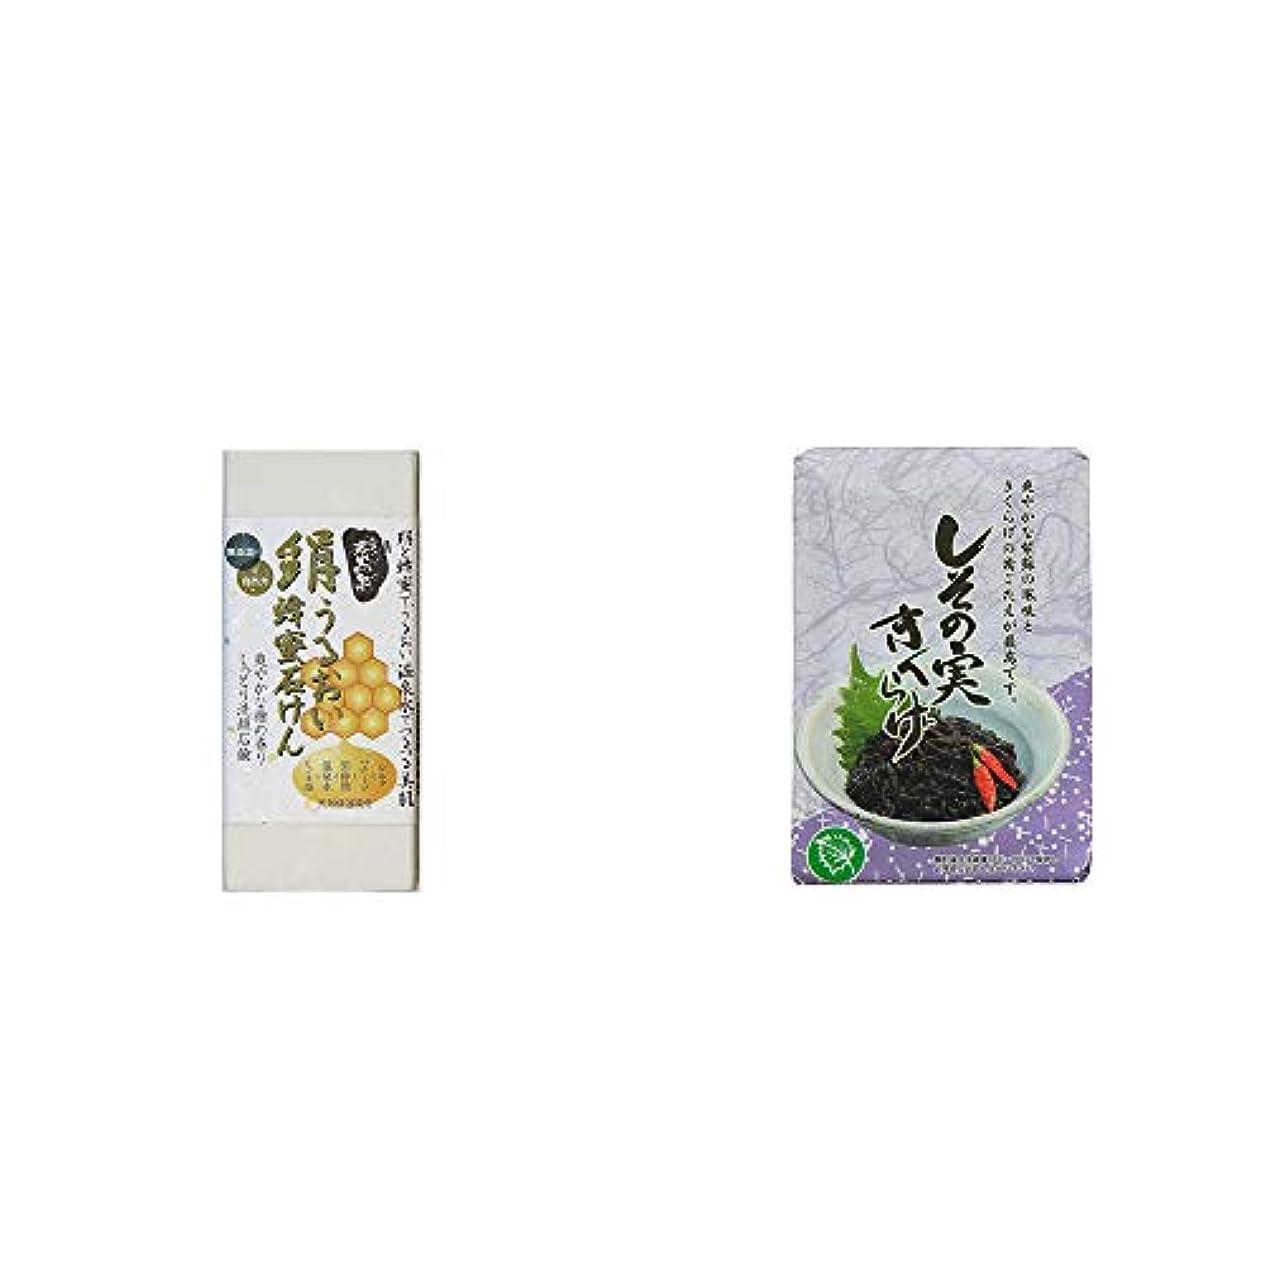 準備するなんでも肝[2点セット] ひのき炭黒泉 絹うるおい蜂蜜石けん(75g×2)?しその実 きくらげ(200g)